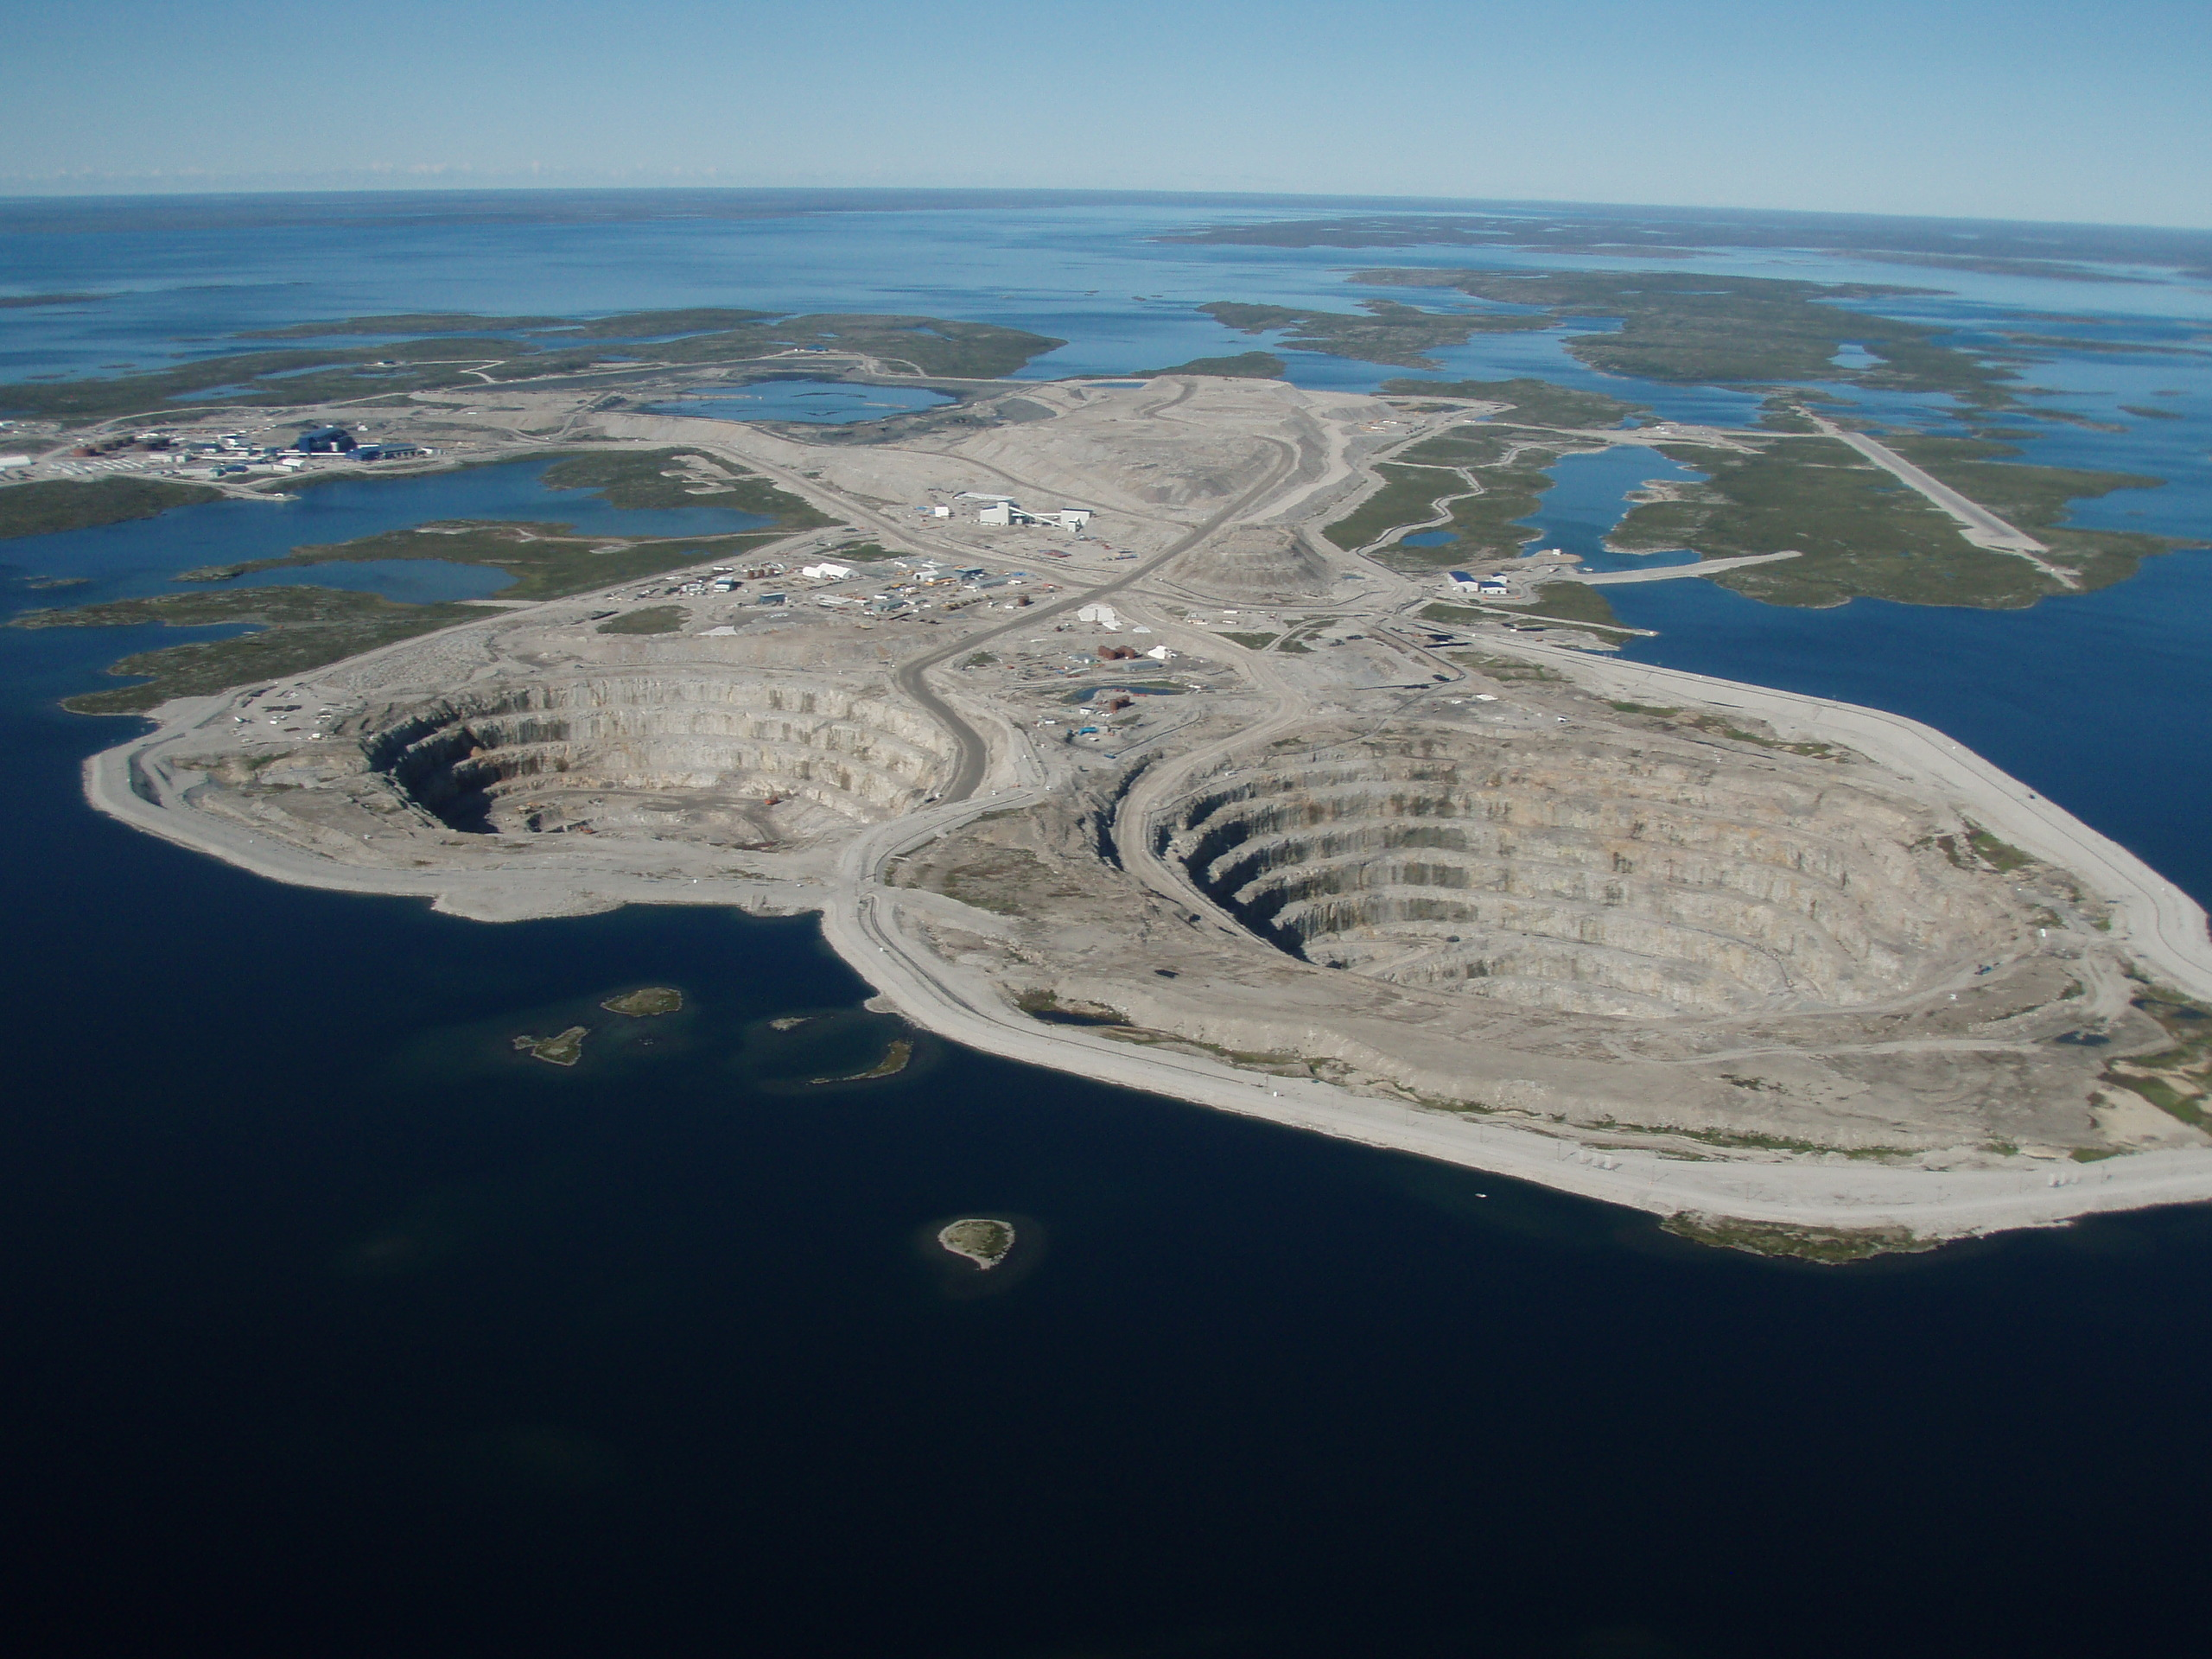 Diavik Diamond Mine at Lac de Gras, Northwest Territories, Canada